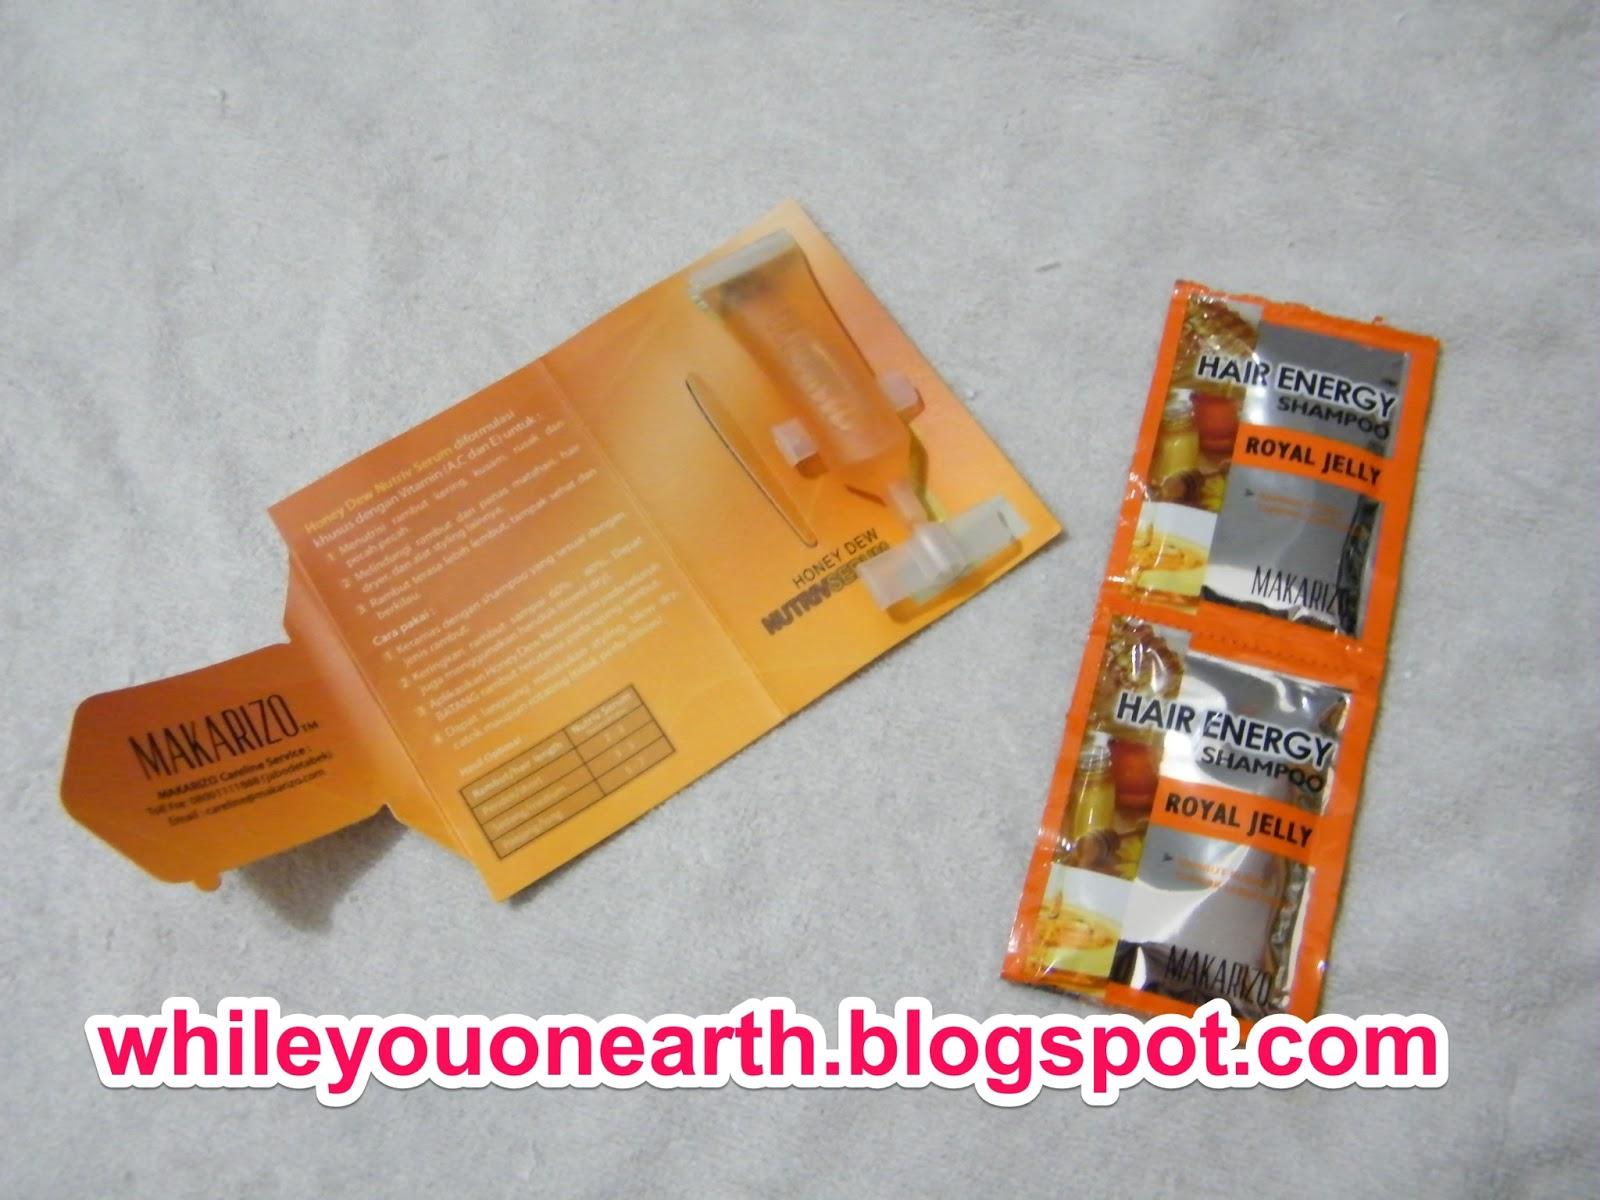 While You On Earth Makarizo Hair Recovery Repair Anti Advisor 8 Ml 3 Pcs Honey Dew Solusi Tepat Untuk Rambut Sehat